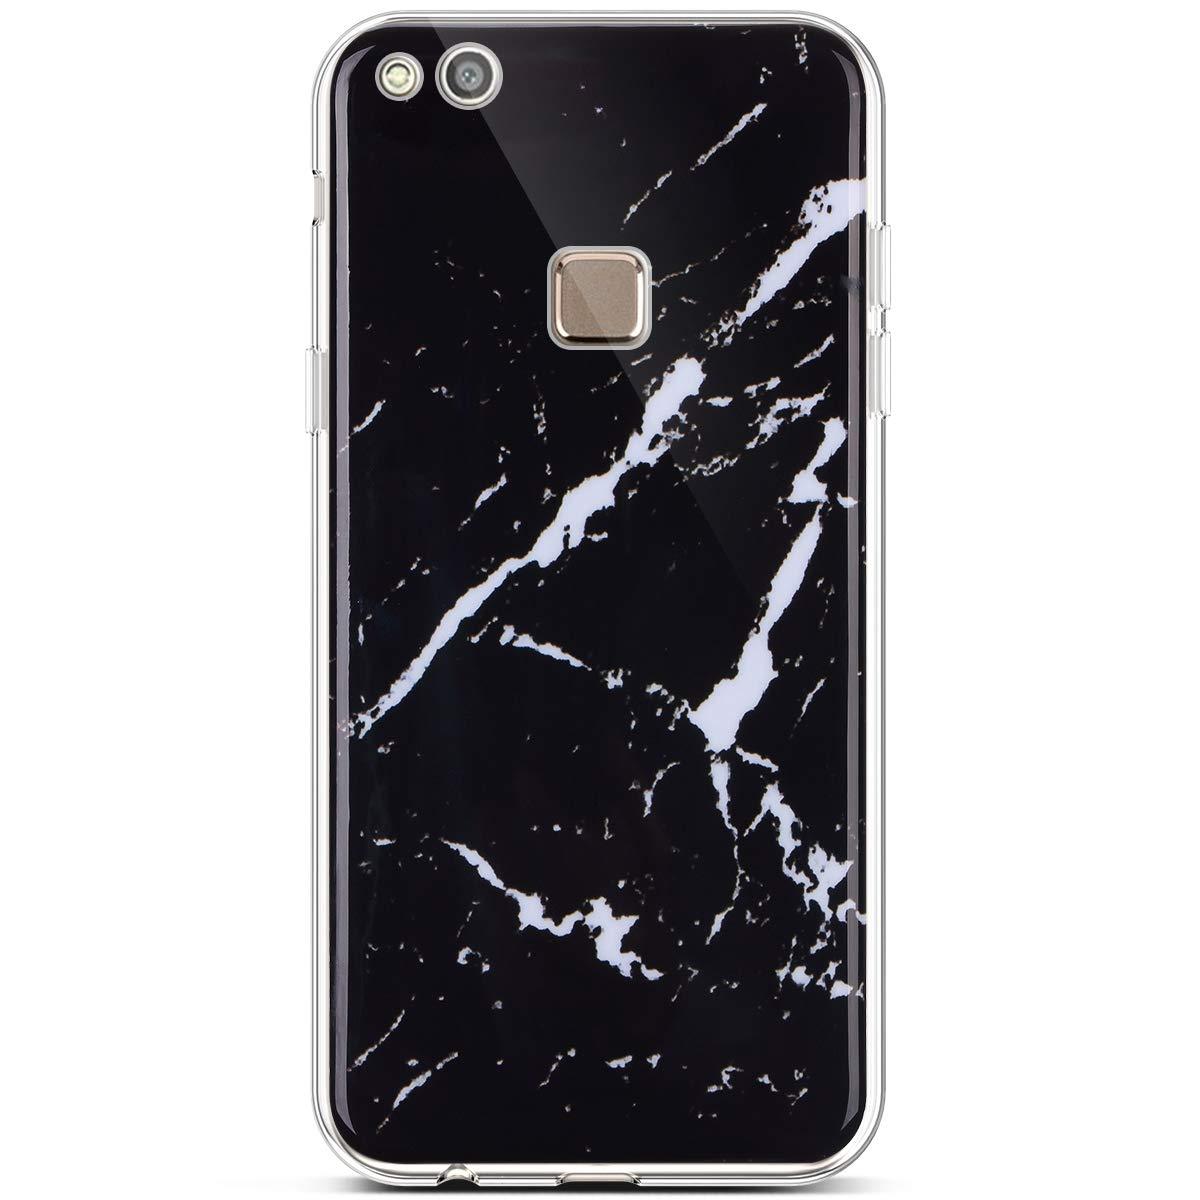 Felfy Kompatibel mit Huawei P10 Lite Marmor H/ülle,Ultra D/ünn Weich Gel TPU Silikon Handyh/ülle Silikonh/ülle Creative Marmor Muster Handytasche Kratzfest Sto/ßfest Schutzh/ülle Bumper Case Cover